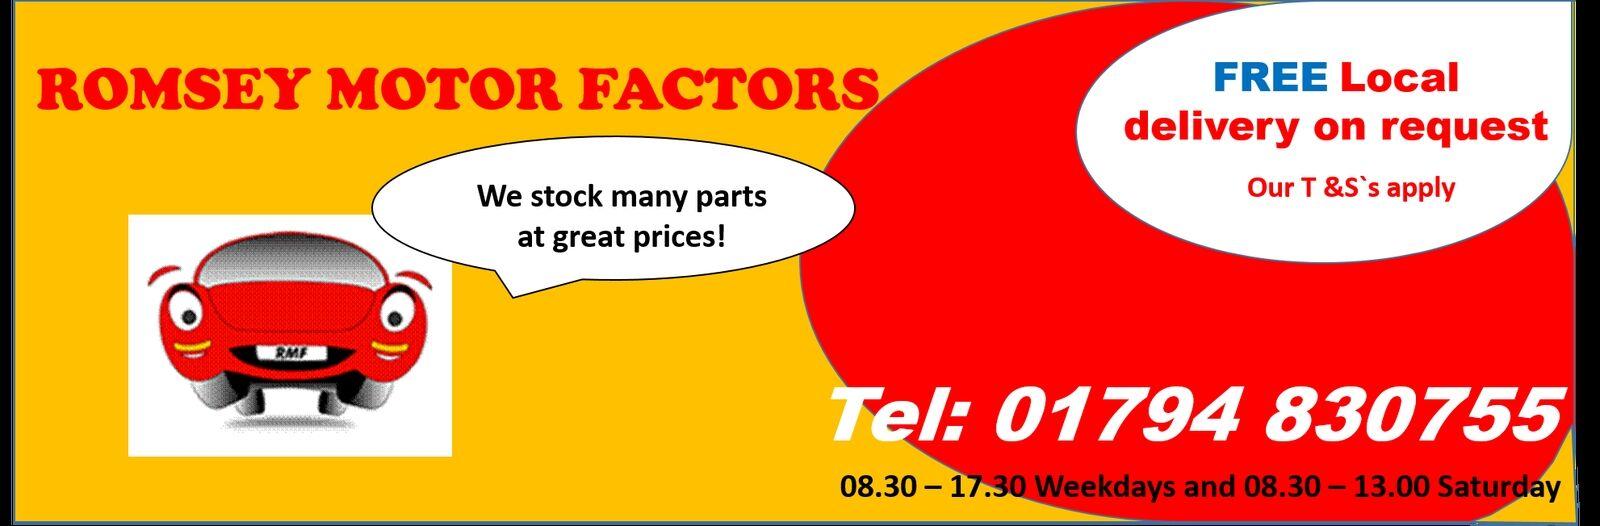 romsey-motor-factors